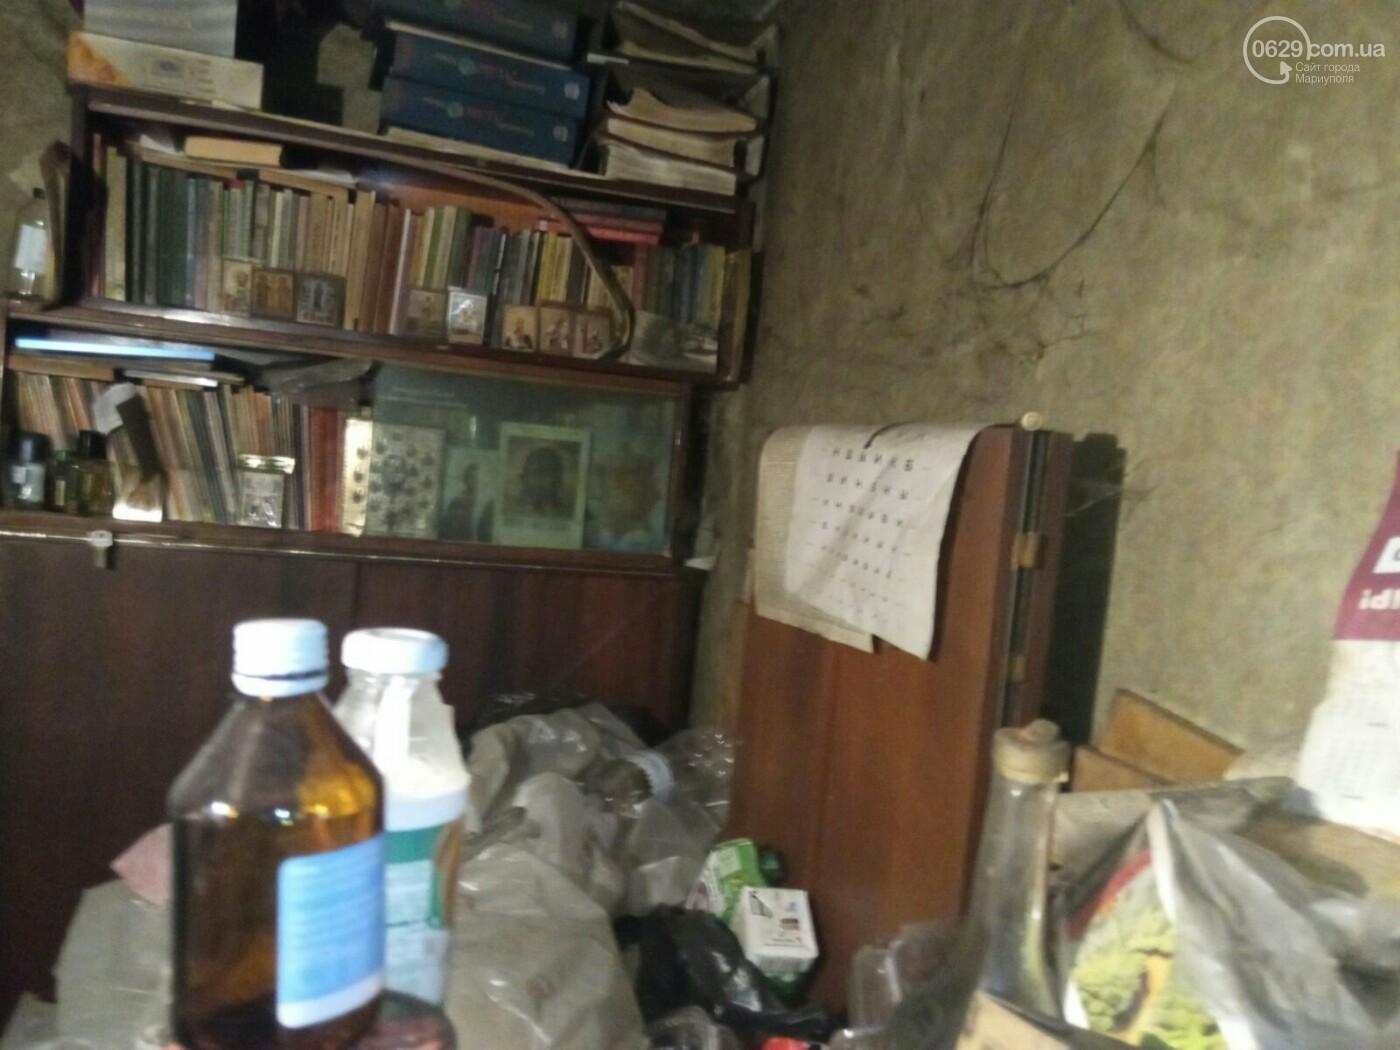 """""""Оставь надежду всяк сюда входящий"""". Мариуполец захламил квартиру в центре города, - ФОТОРЕПОРТАЖ , фото-2"""